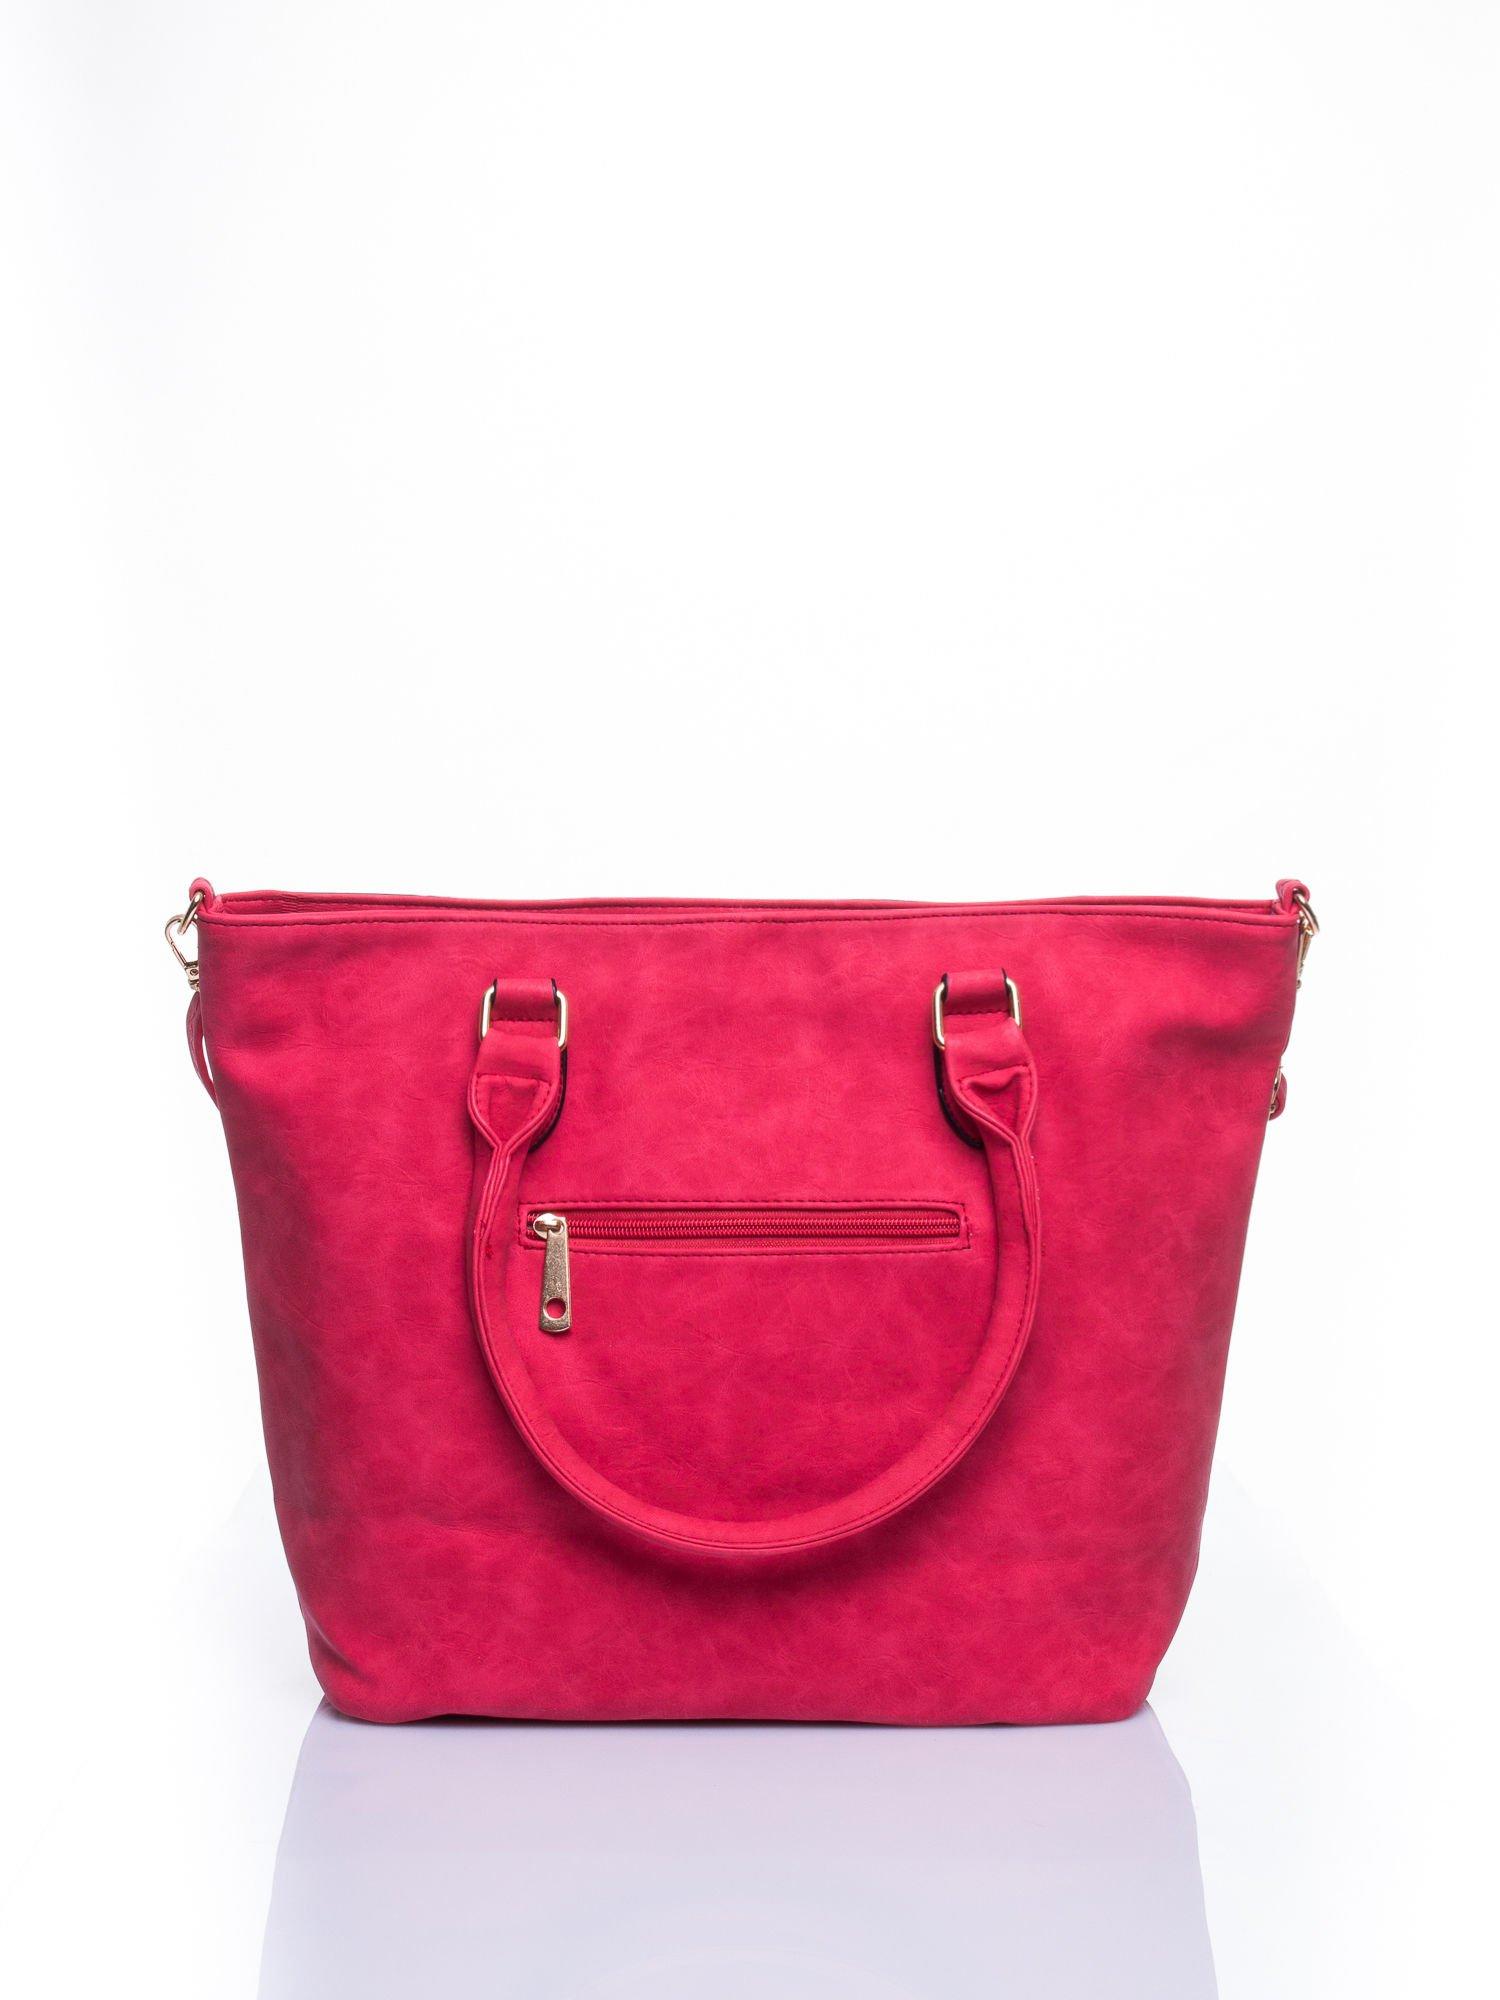 Czerwona torba city bag na ramię                                  zdj.                                  2